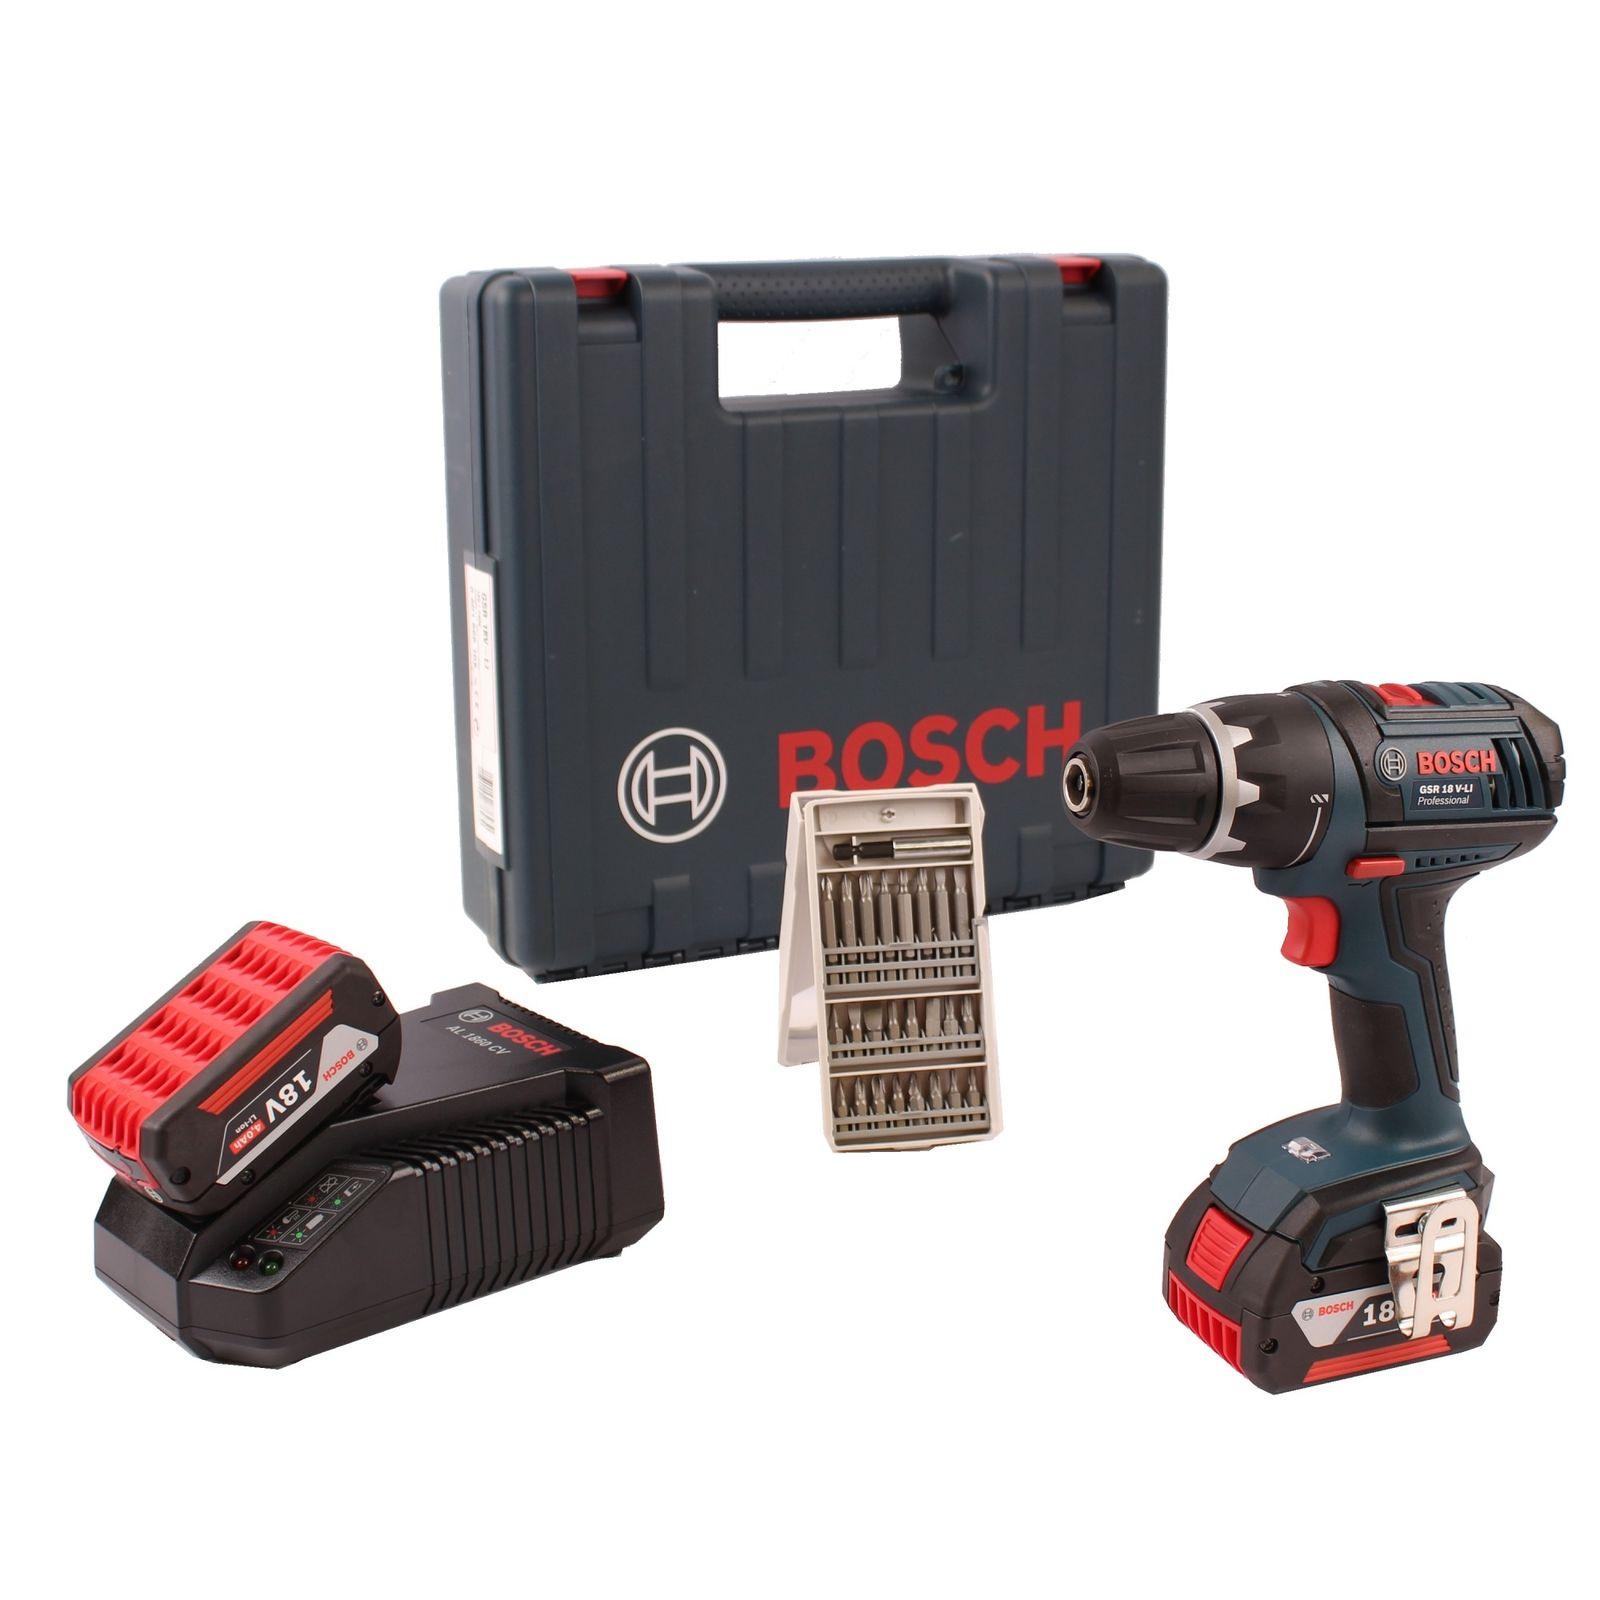 Bosch-Akku-Bohrschrauber-GSR-18V-Li-2x-4-0AH-Akkus-Lader-Bitsatz-im-Koffer für 174,95€ [Real]